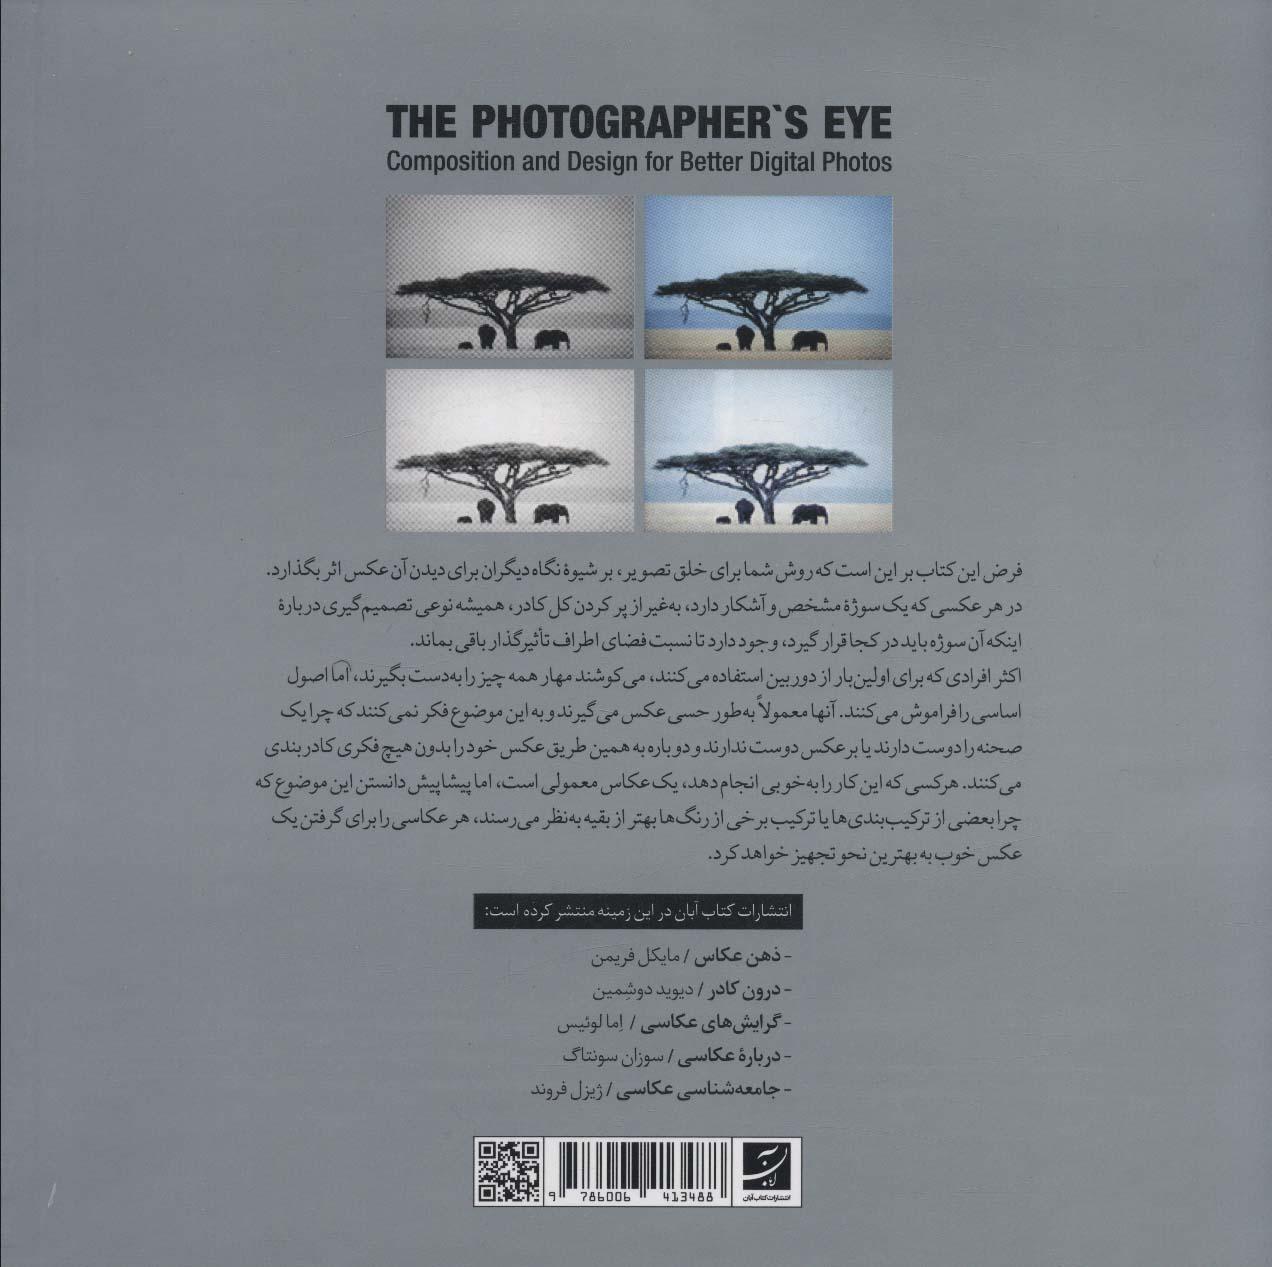 چشم عکاس (بررسی طراحی و ترکیب بندی در عکاسی)